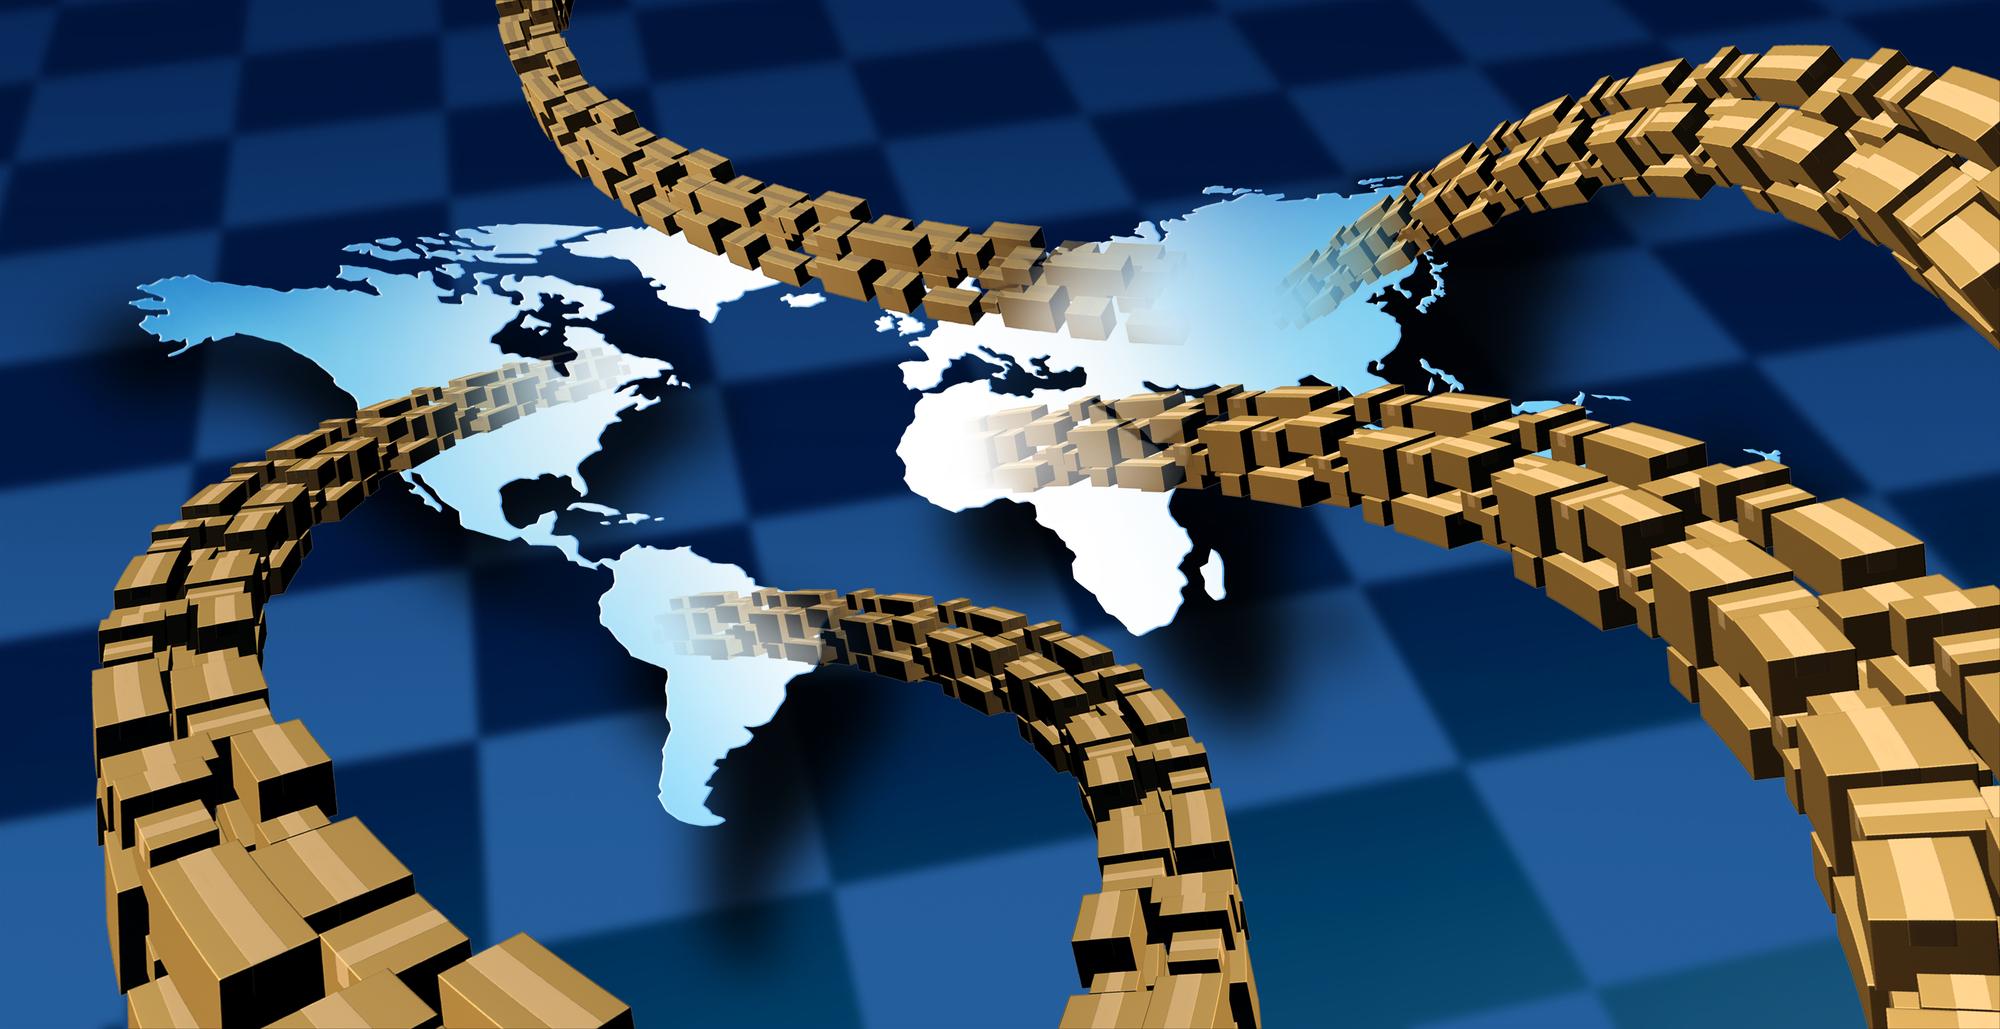 שרשרת האספקה הגלובלית. אילוסטרציה: depositphotos.com